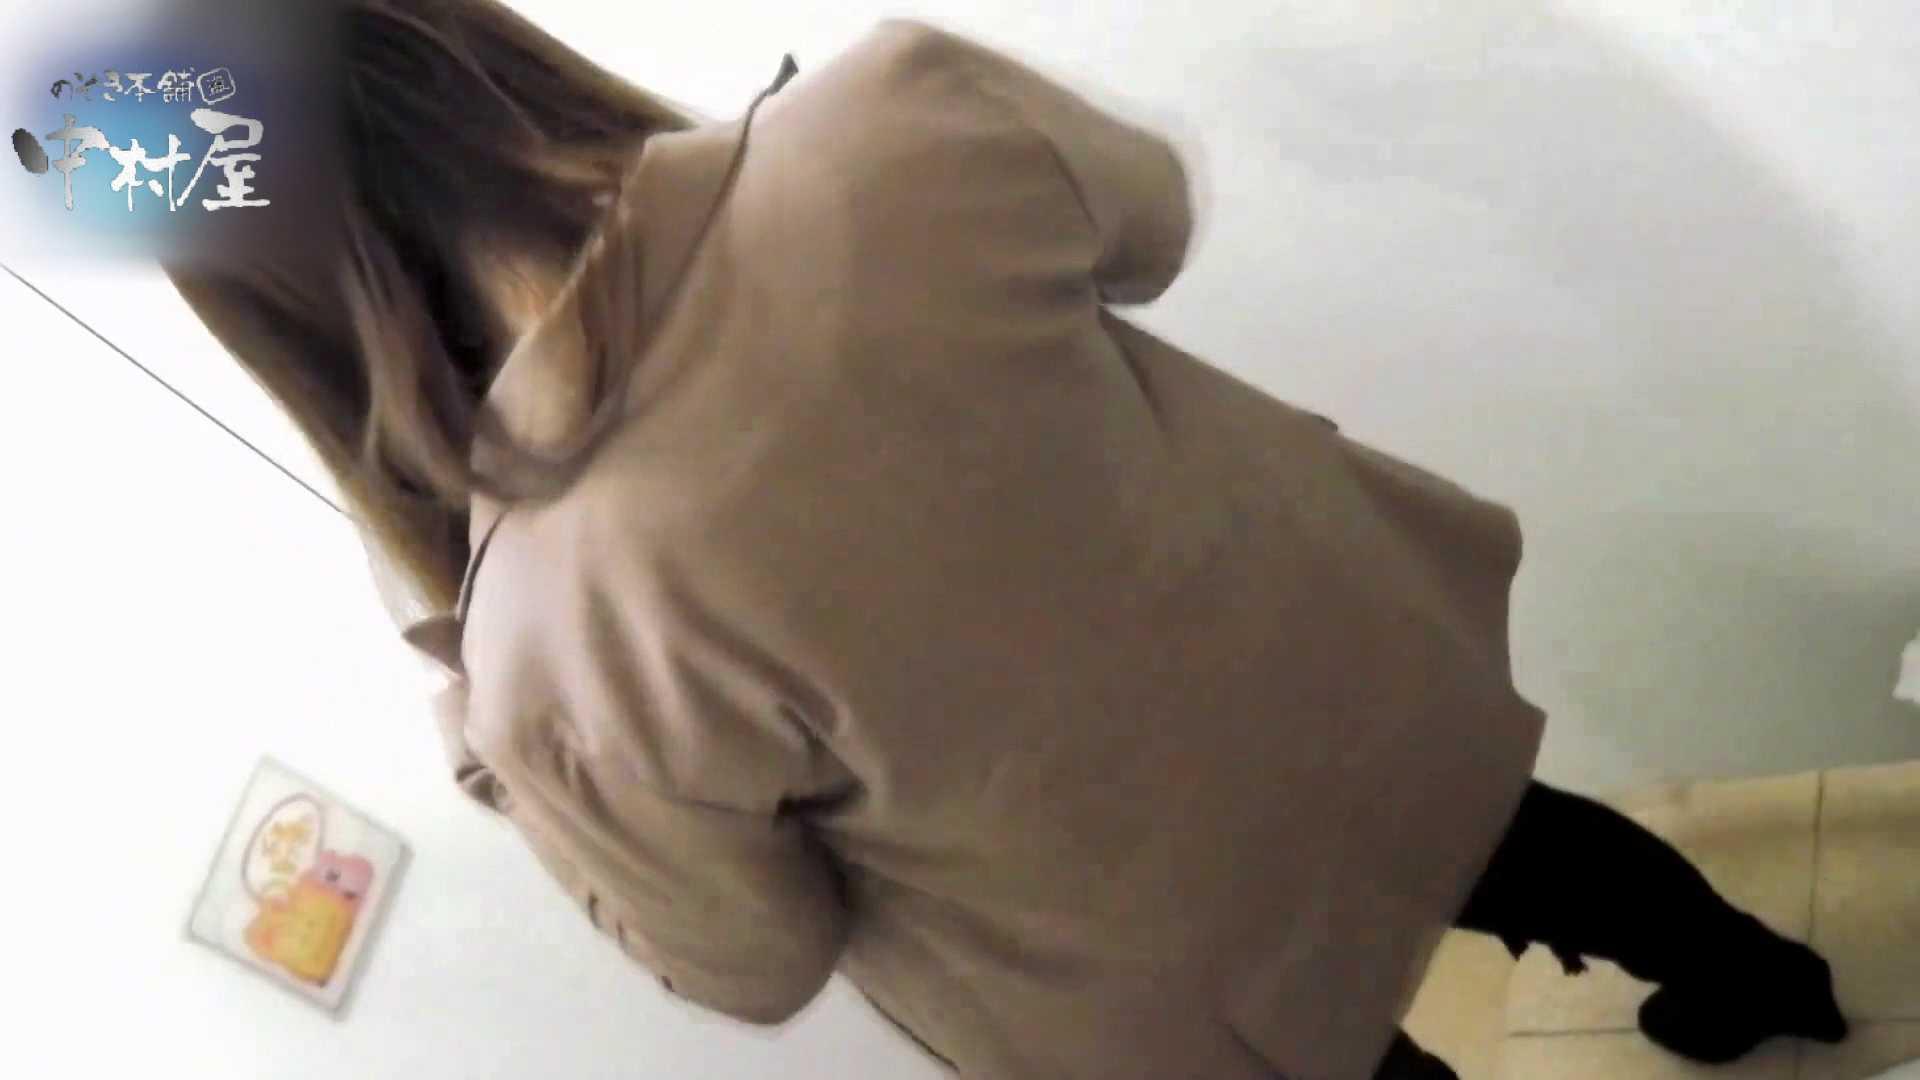 乙女集まる!ショッピングモール潜入撮vol.04 0   0  76pic 57